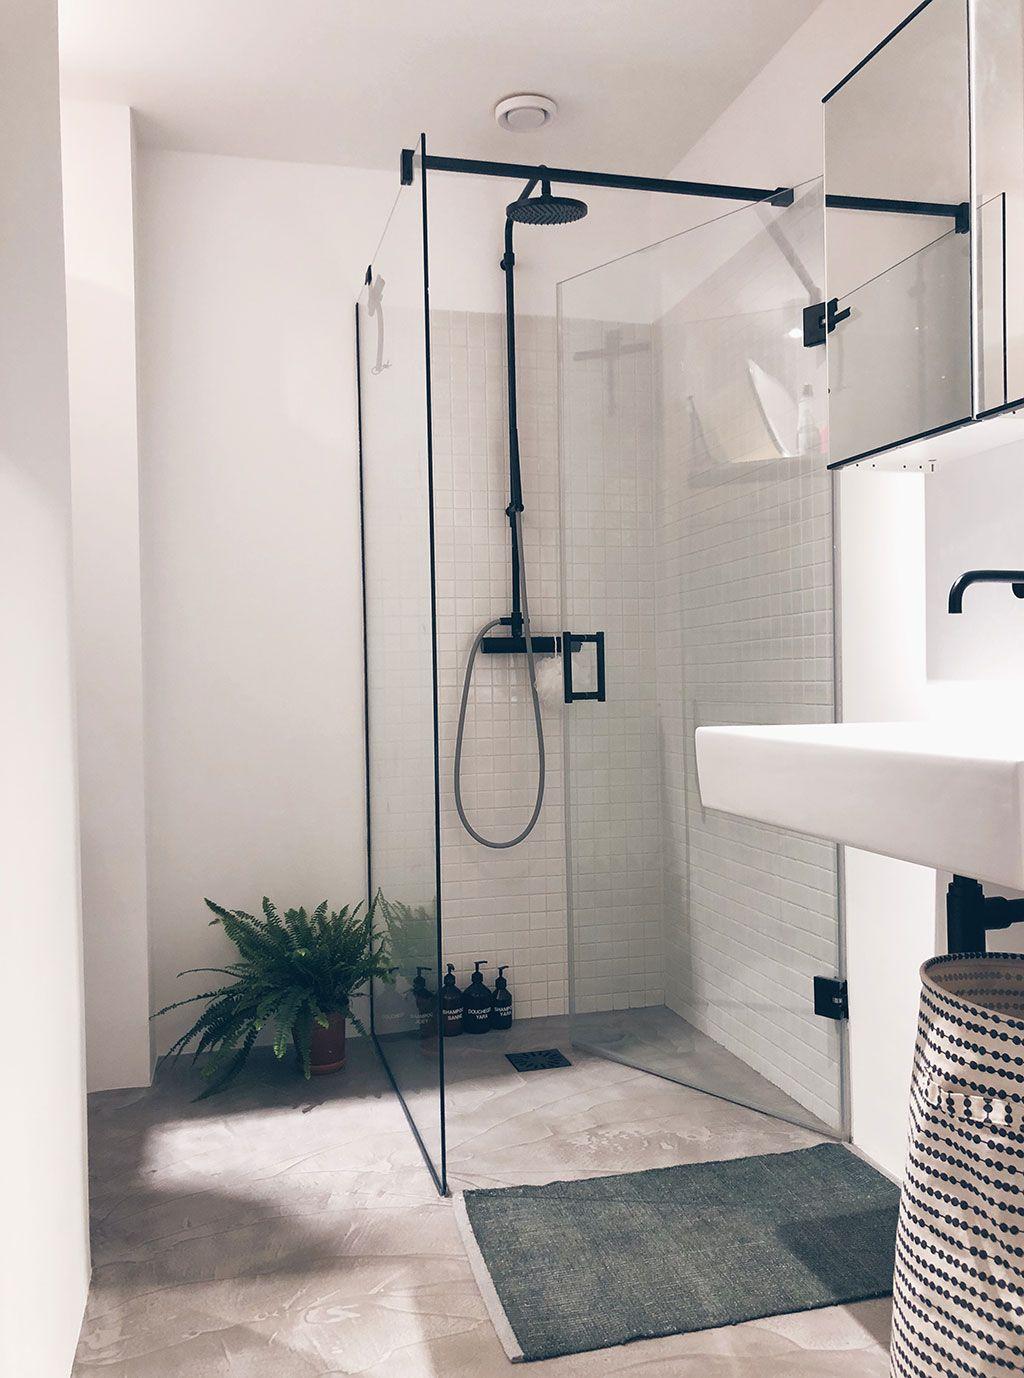 Fijn Huis In Amsterdam Binnenkijken Bij Sanne Bathroom Remodel Cost Bathroom Inspiration Bathroom Interior